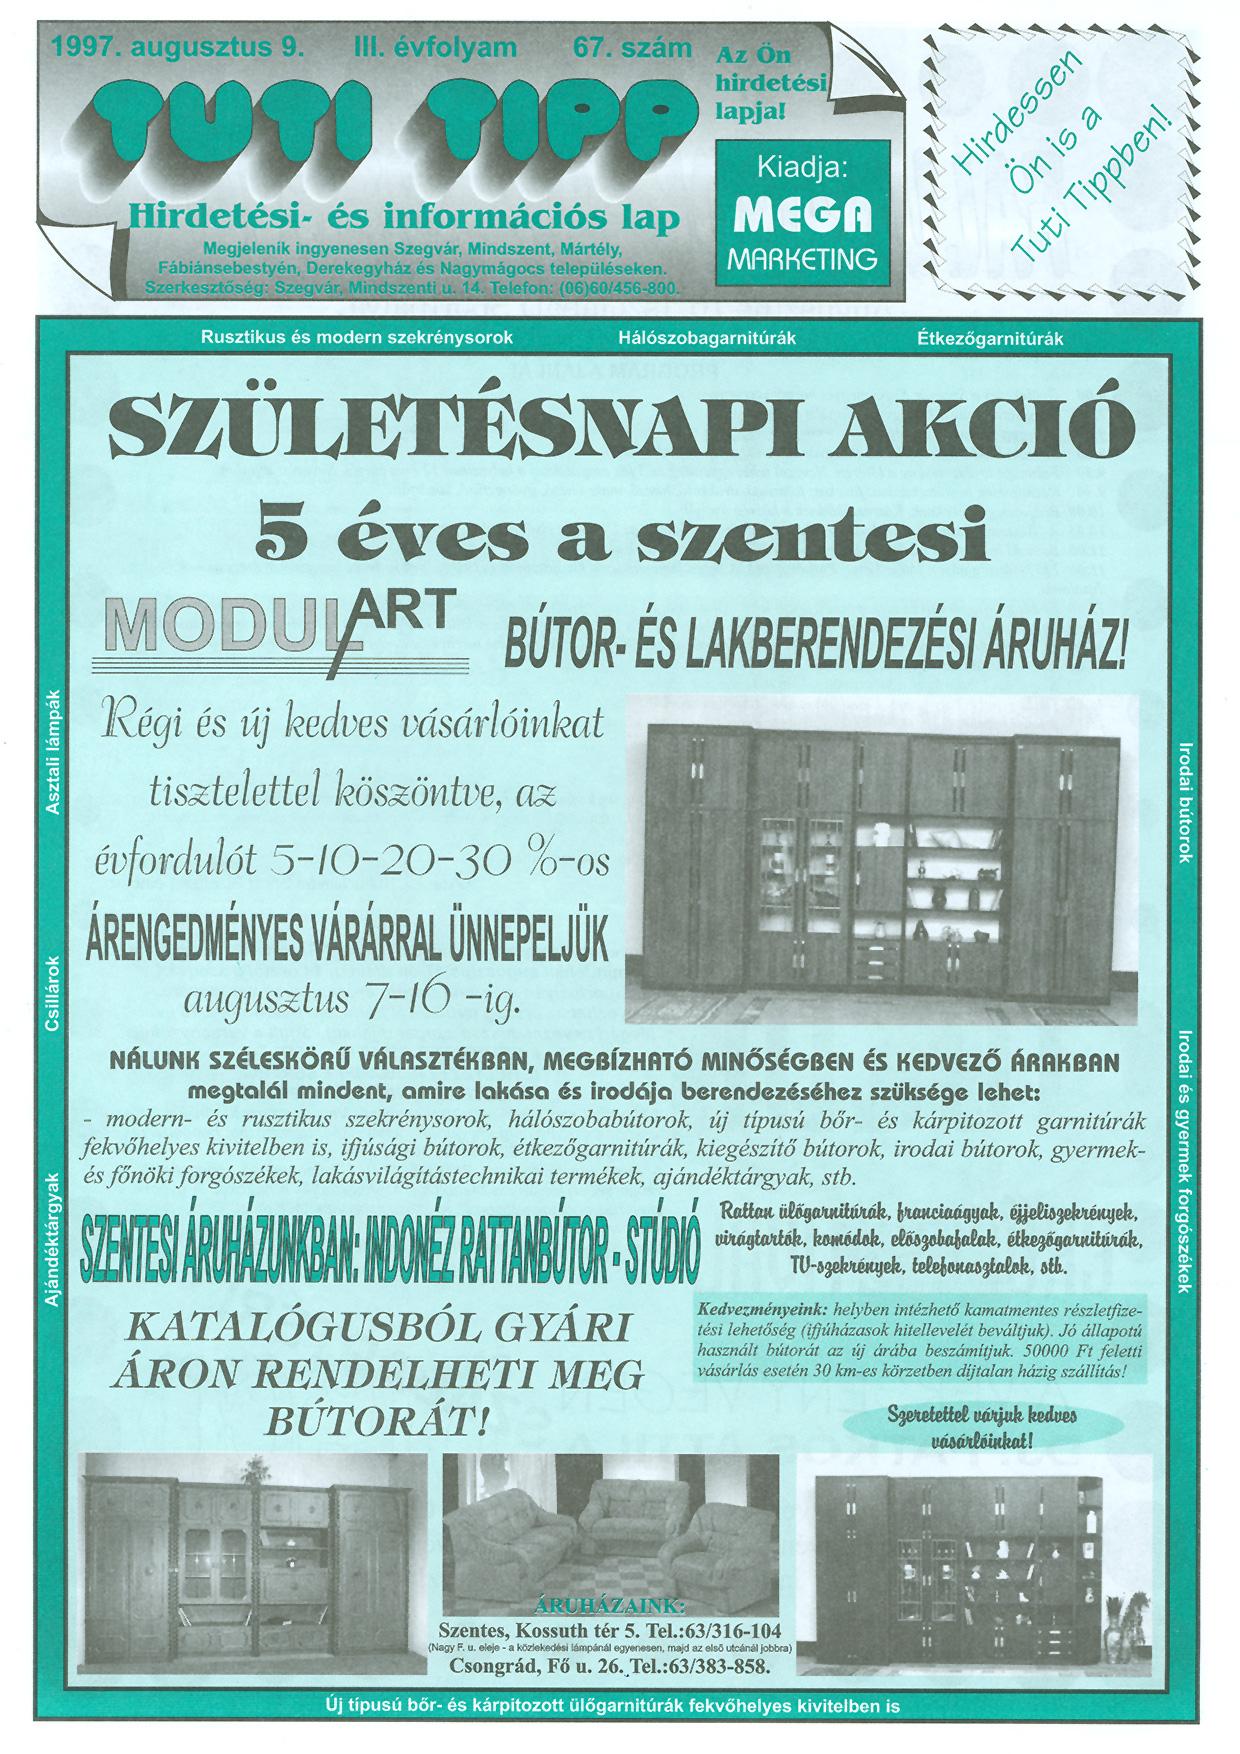 027 Tuti Tipp reklámújság - 19970809-067. lapszám - 1.oldal - III. évfolyam.jpg